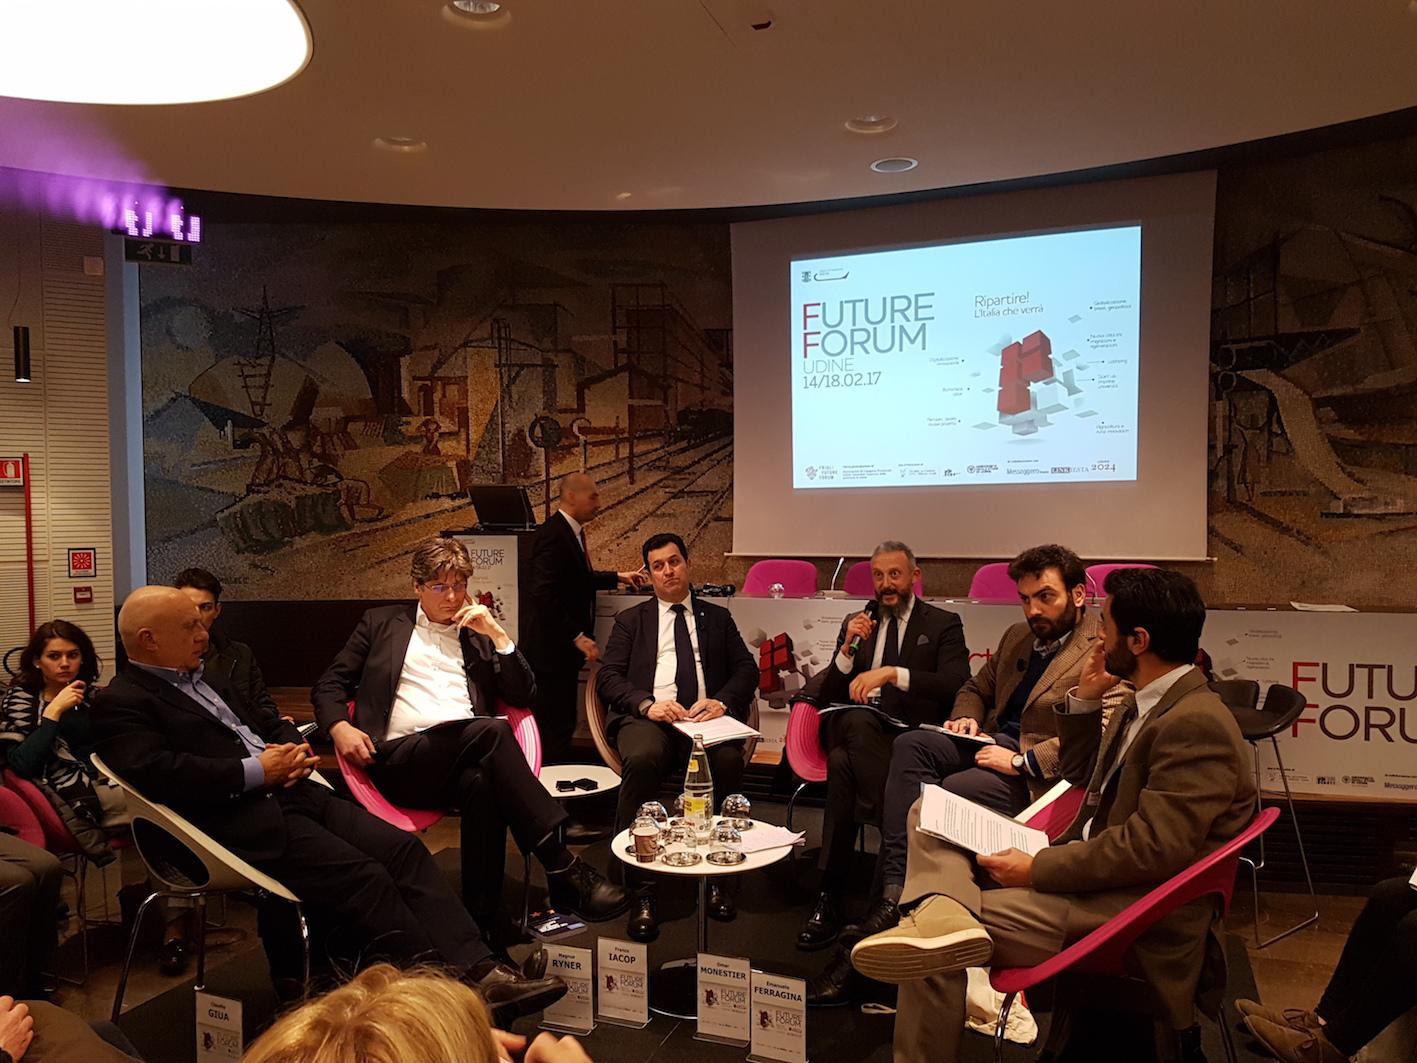 Future Forum/4 Exit o integrazione nel futuro d'Europa?